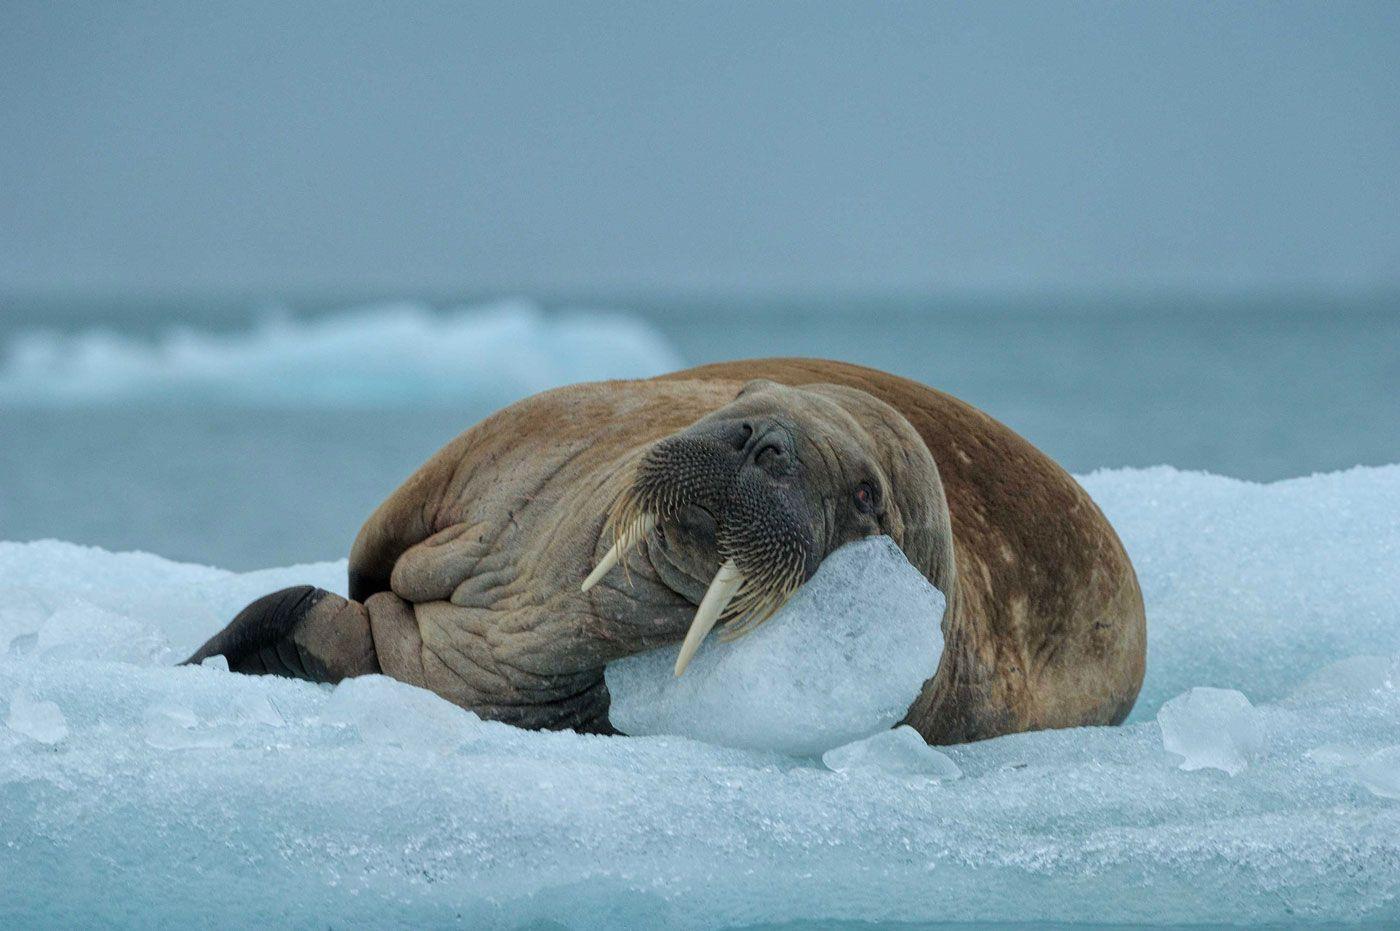 Арктика, архипелаг Шпицберген, дикая природа, путешествия, морж, льдина, морж на льдине, Анна Яценко